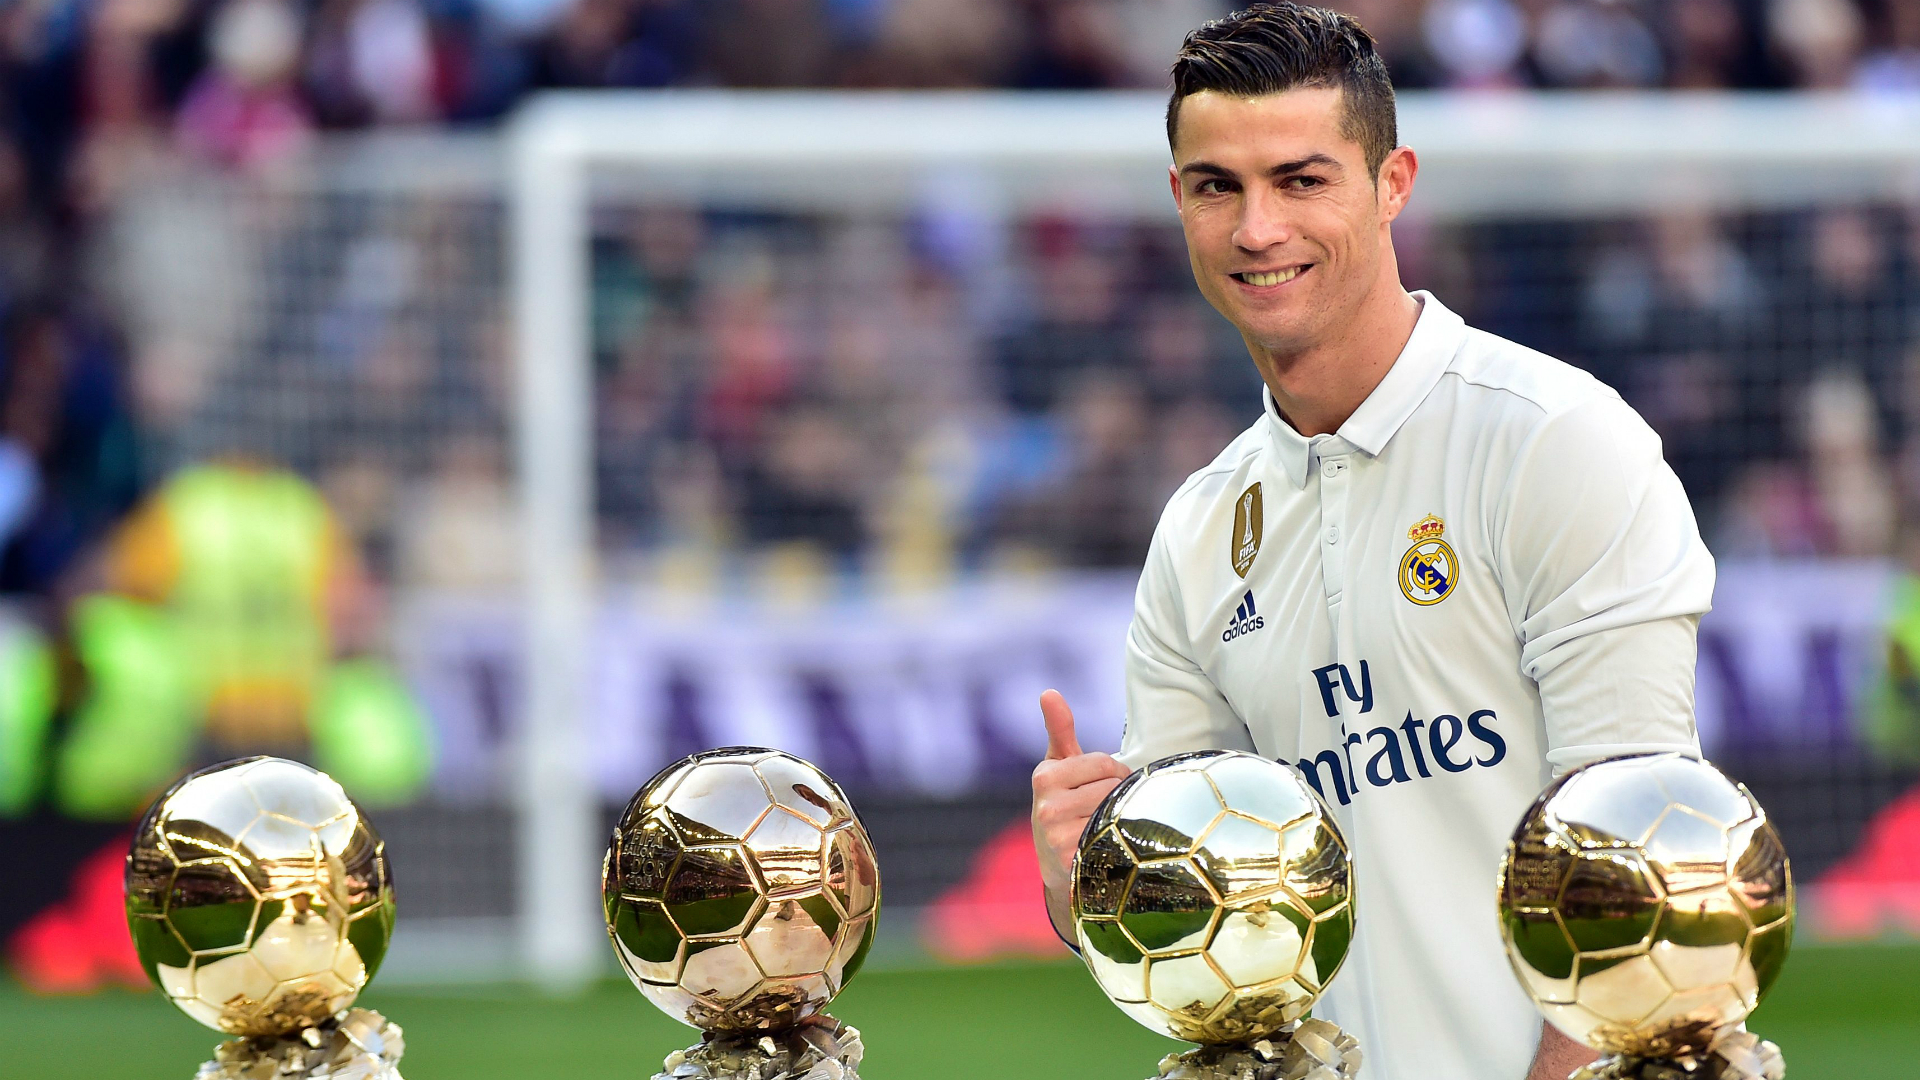 pestana cr7 madrid Cristiano Ronaldo ha Elegido la Localizacion de Pestana CR7 Madrid CristianoRonaldo